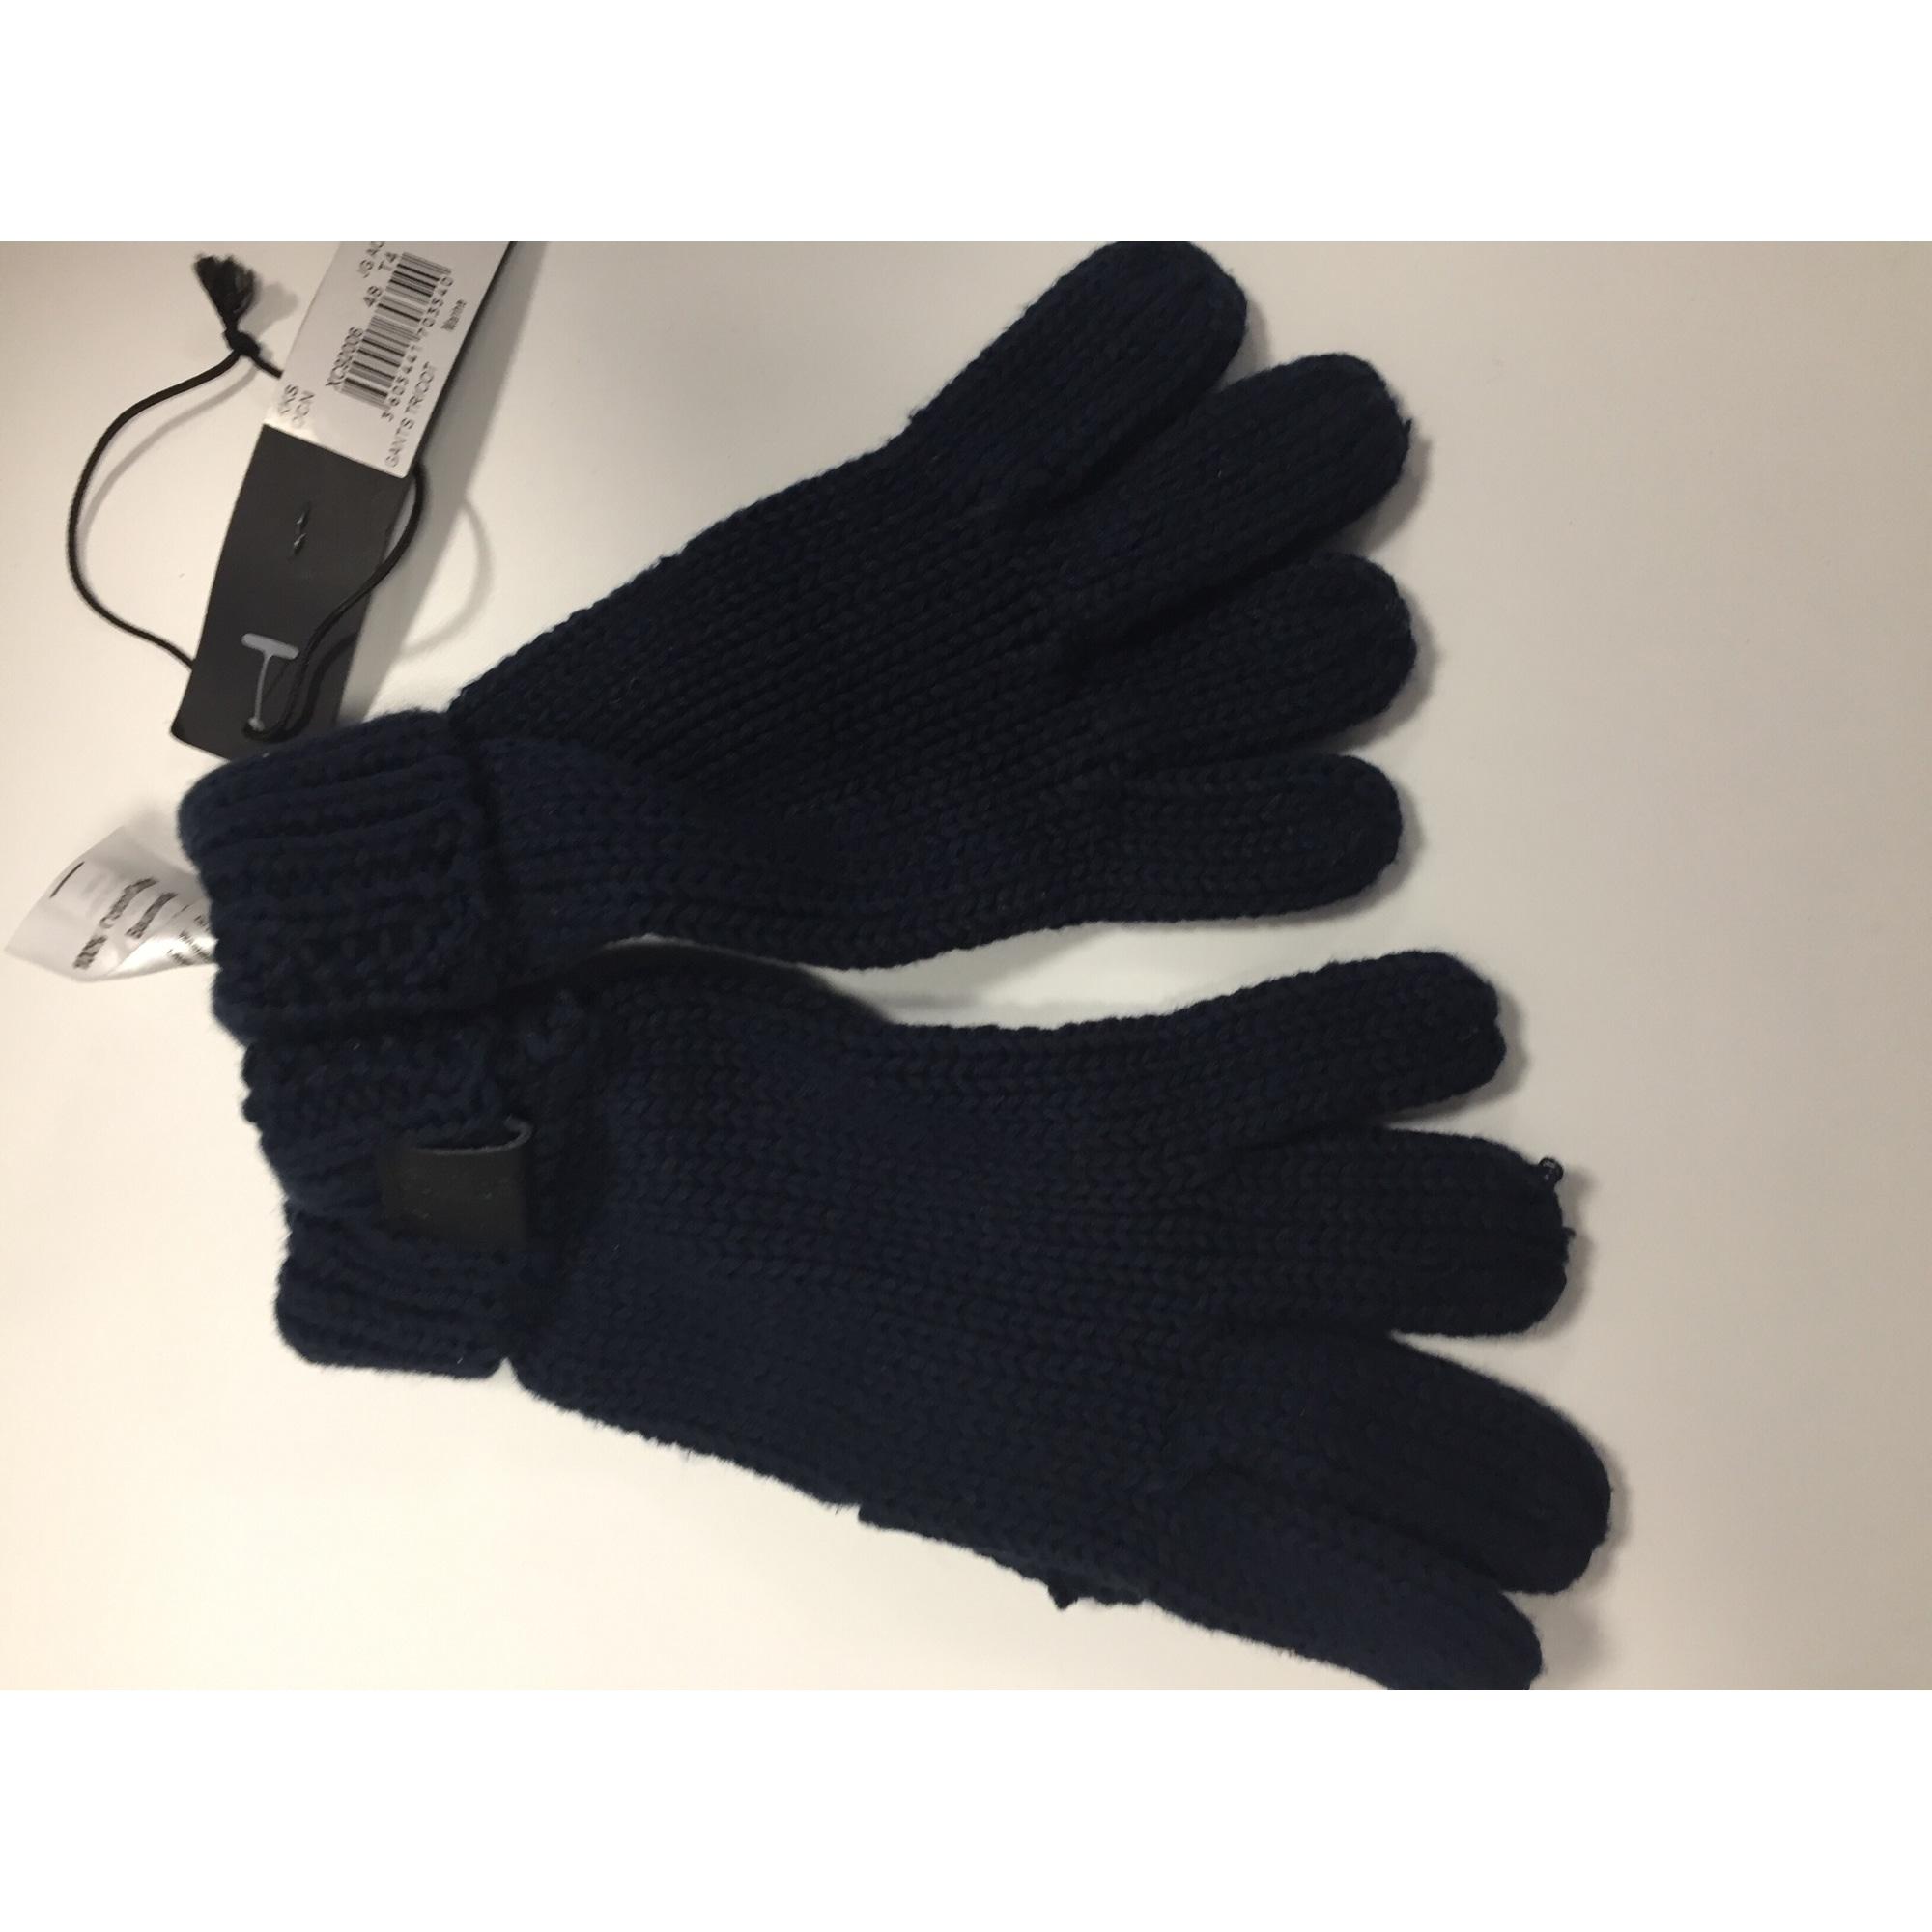 Handschuhe IKKS Blau, marineblau, türkisblau